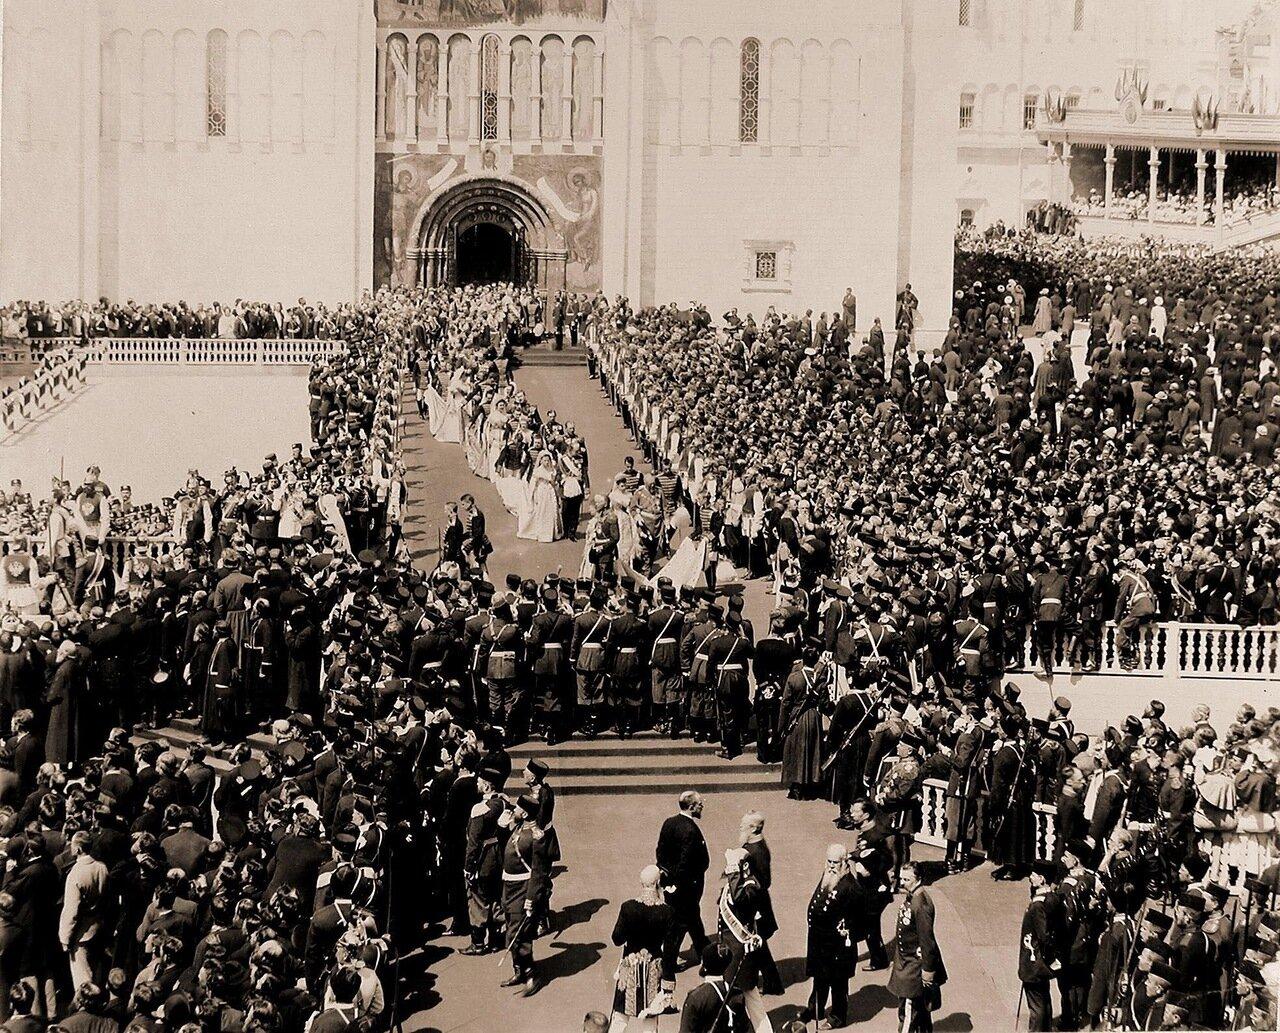 Представители иностранных делегаций выходят из южных дверей Успенского собора на Соборную площадь Кремля по окончании церемонии торжественной коронации; справа от собора и на первом плане - волостные старшины губерний